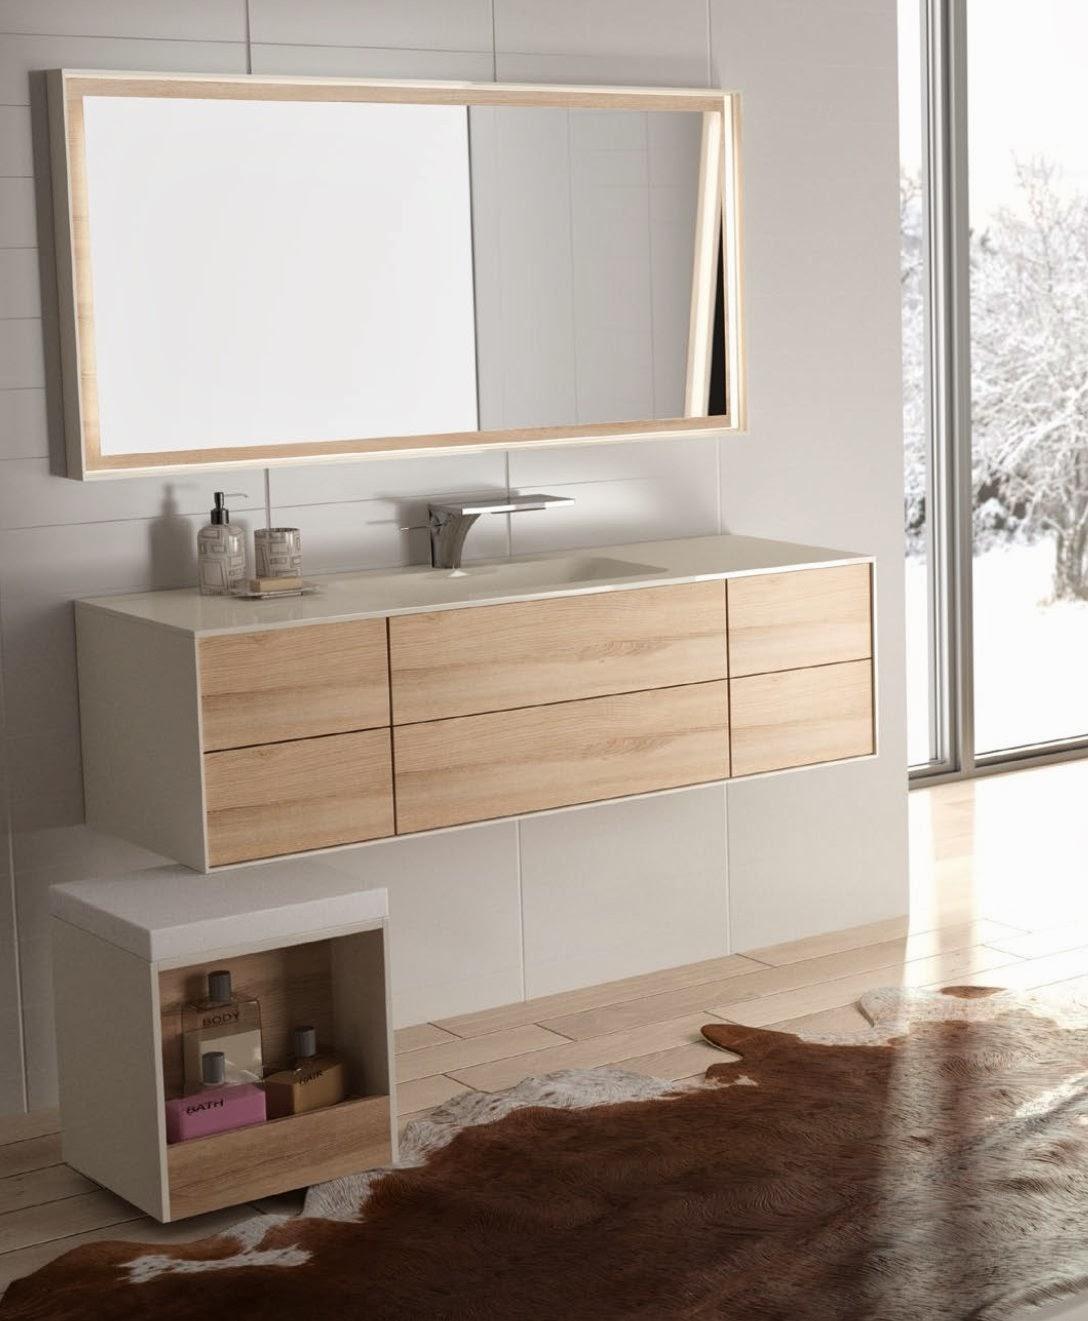 meuble salle de bain kitoi